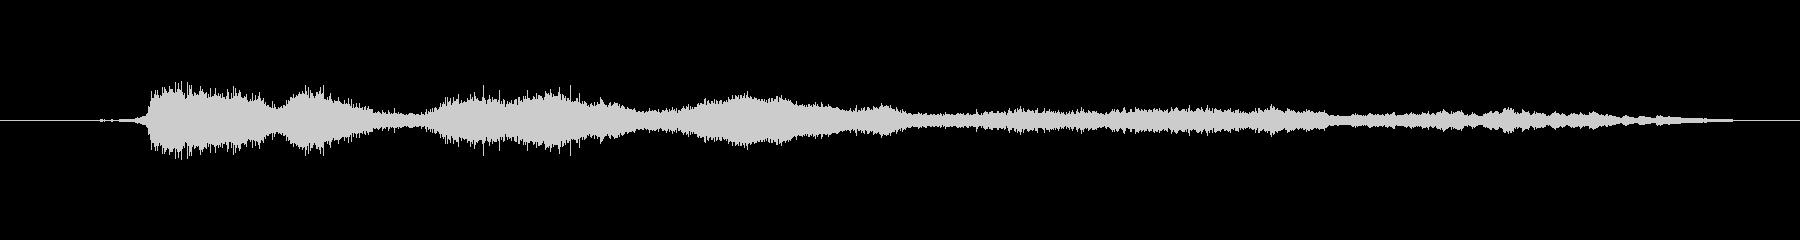 メタル 鳴く明るいロング01の未再生の波形